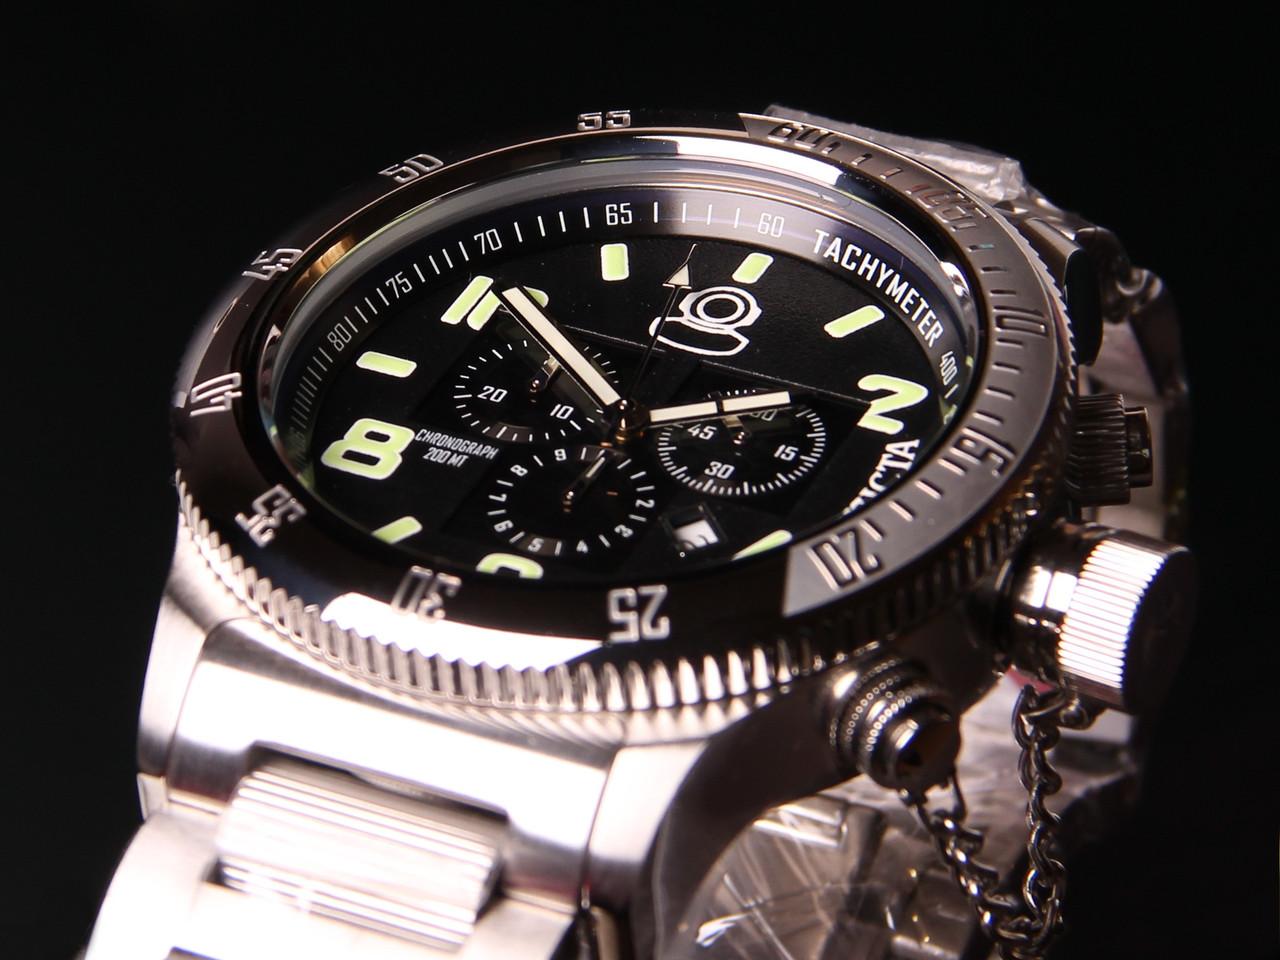 Мужские часы Invicta 10552 Russian Diver, цена 4 785 грн., купить в ... 0842976c7c3